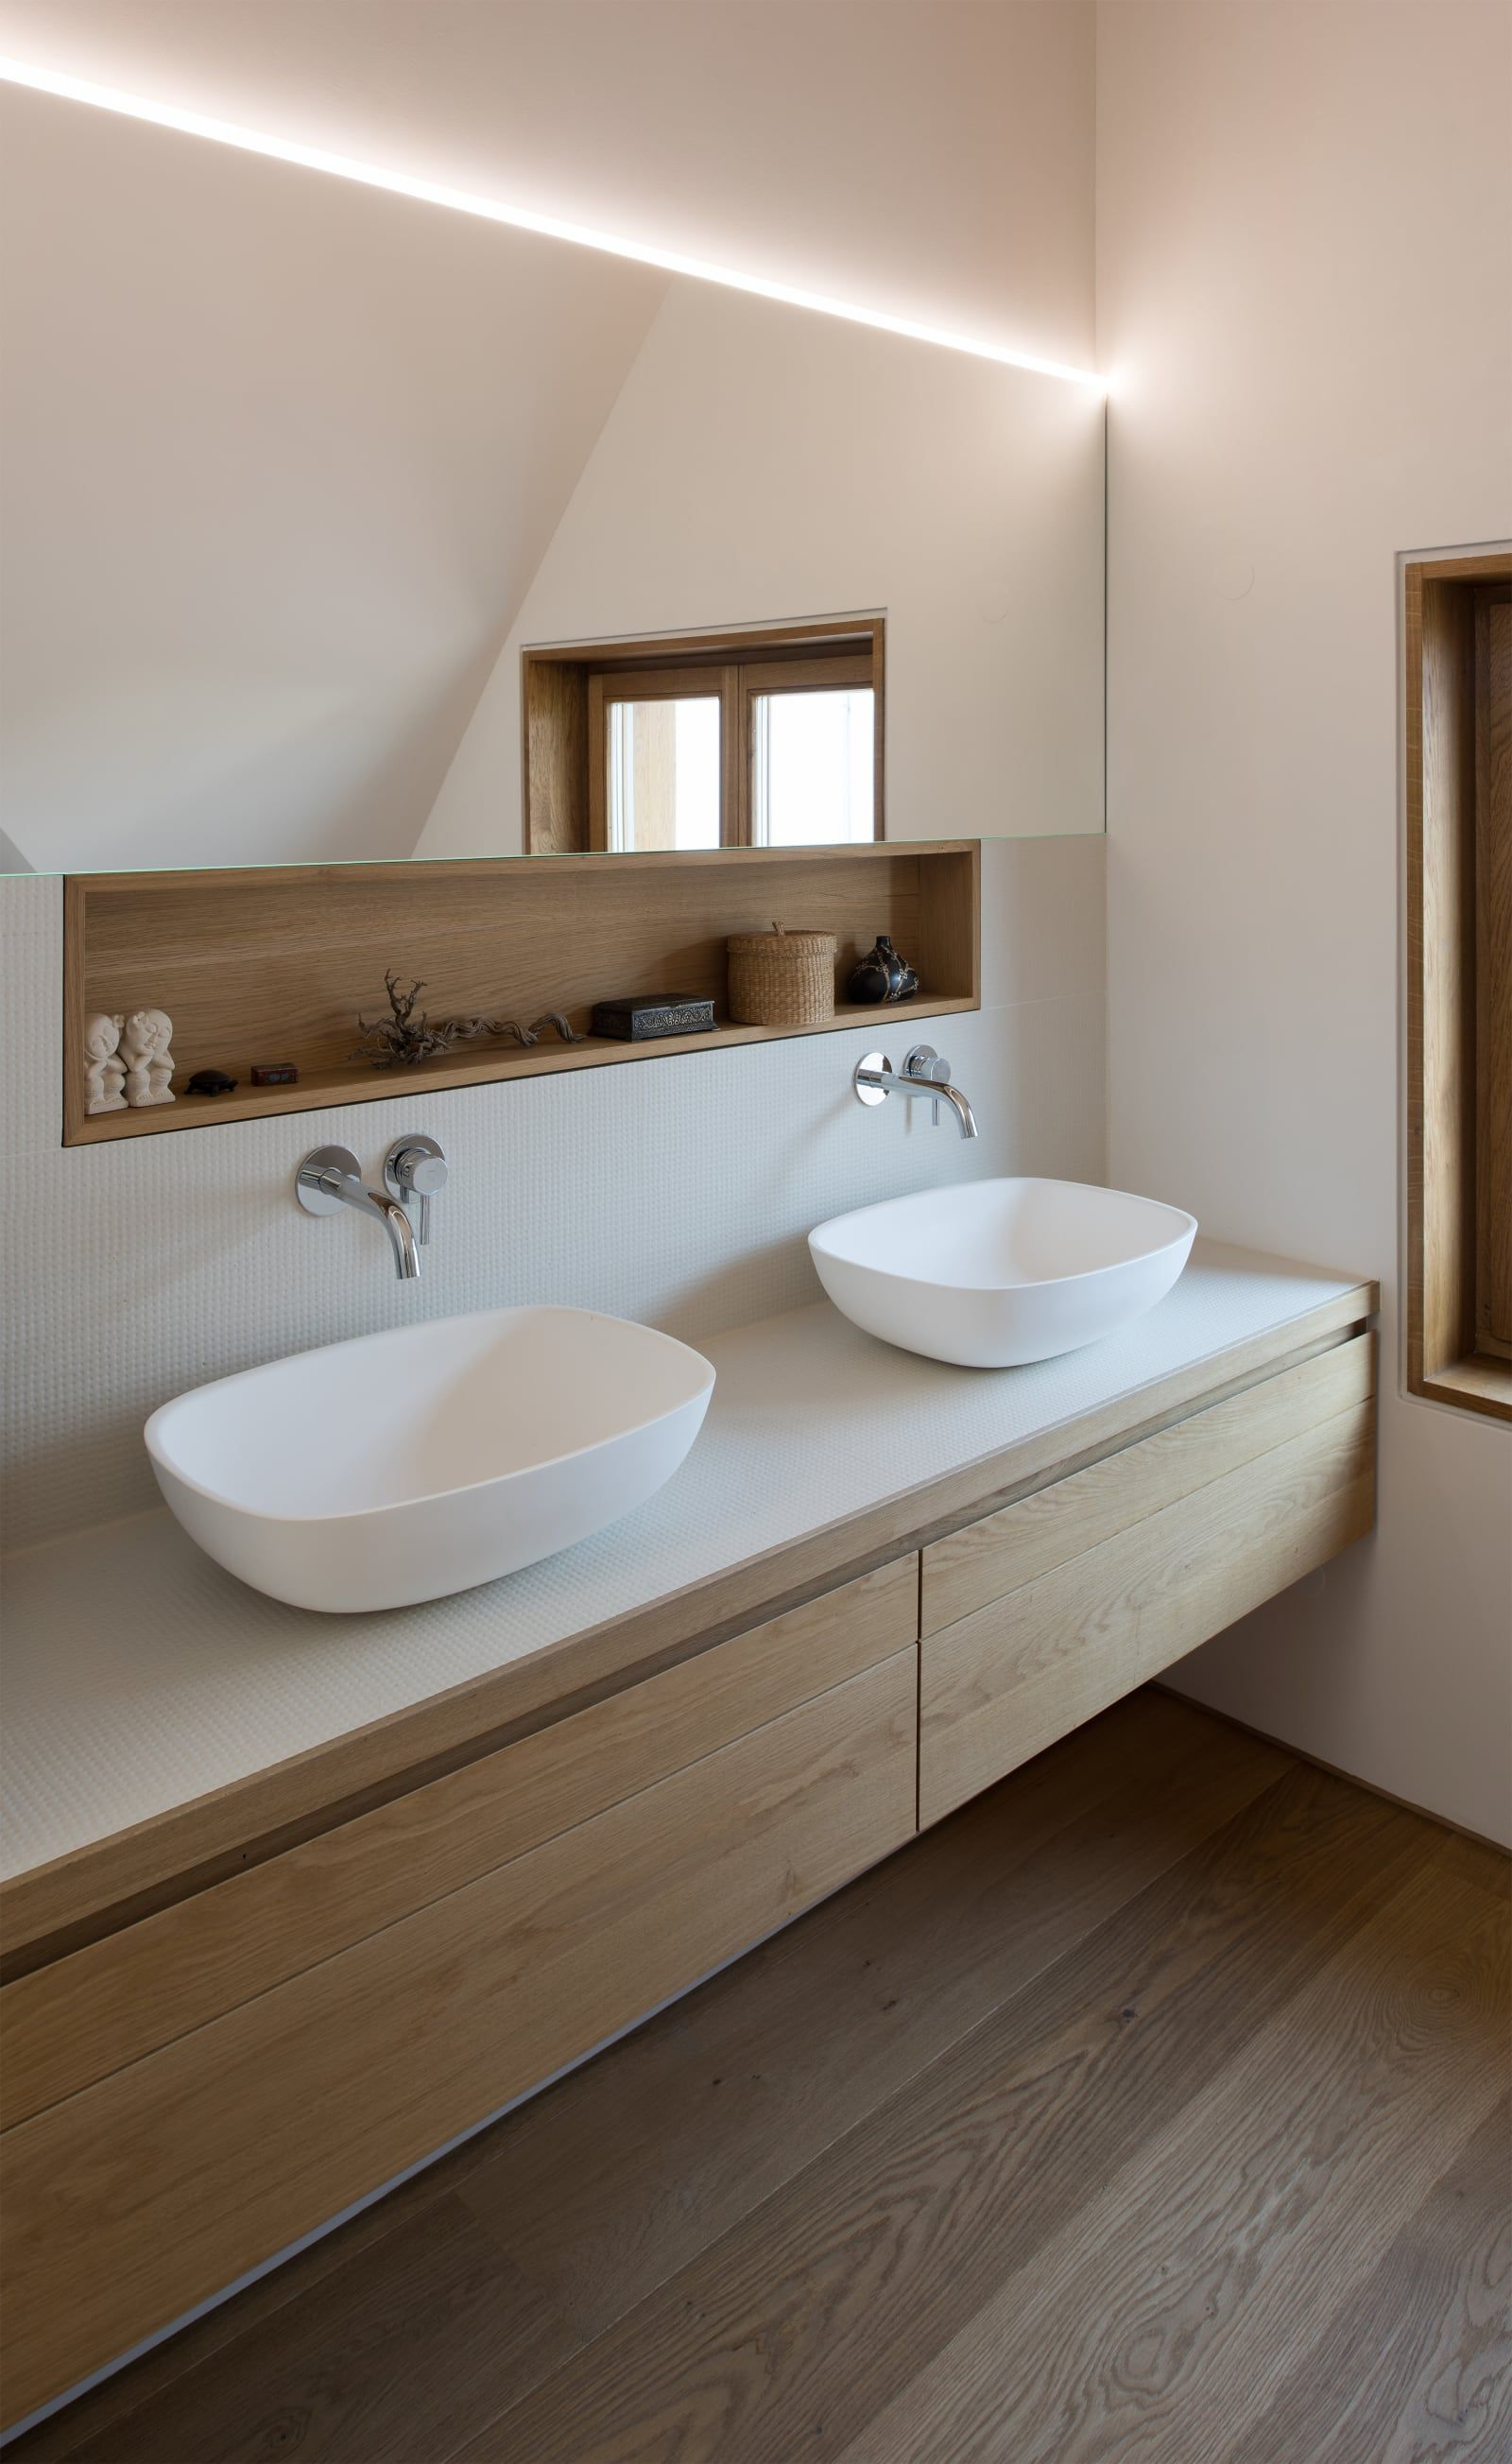 Banho master banheiro pinterest banho banheiros e - Badezimmer stuttgart ...